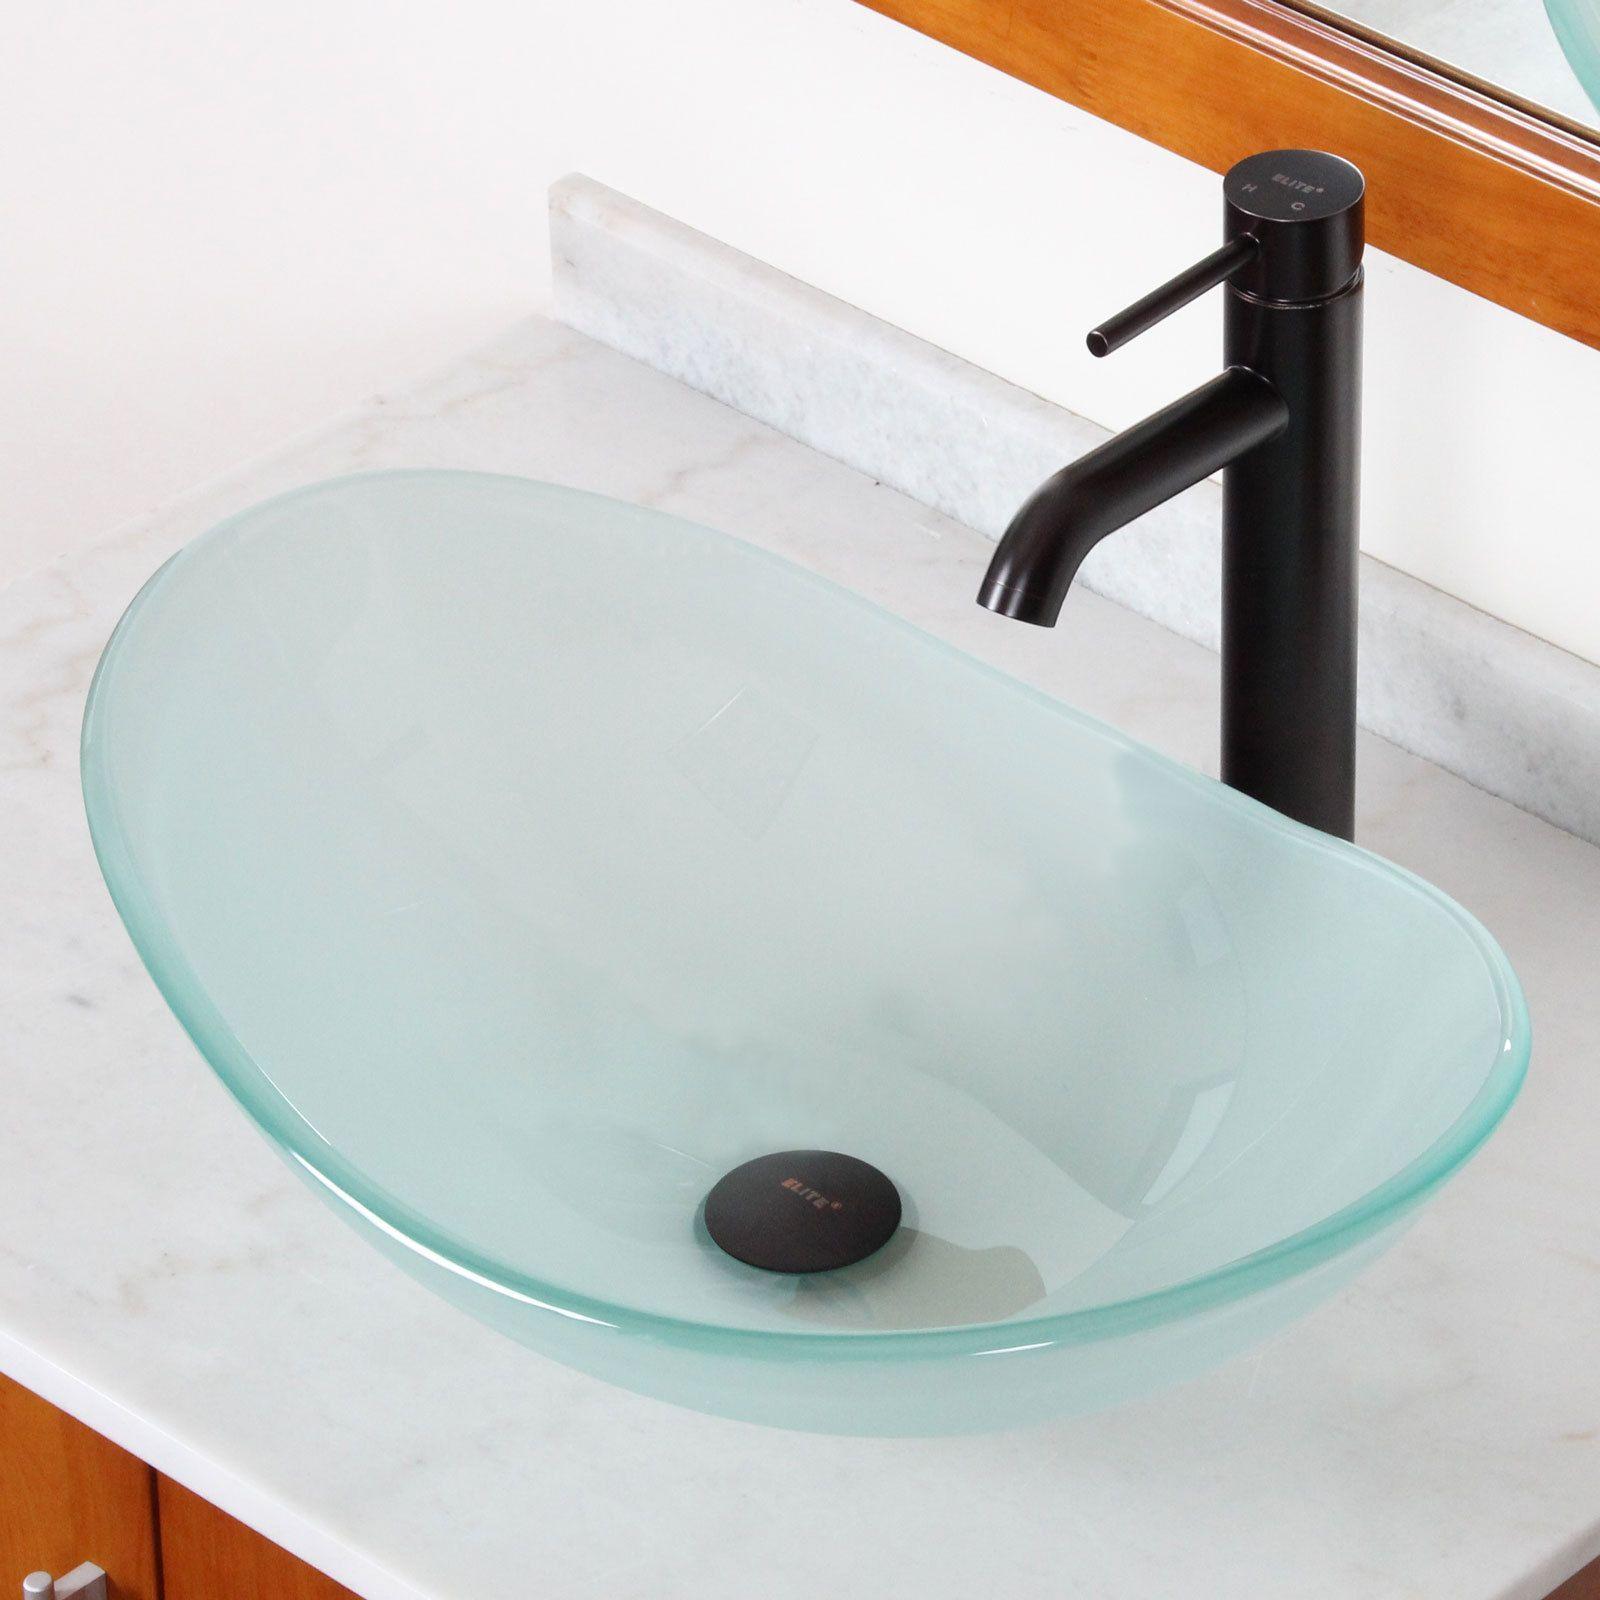 Elite Tempered Bathroom Oval Glass Vessel Sink Faucet Combo Clear Glass Vessel Sinks Glass Vessel Sink